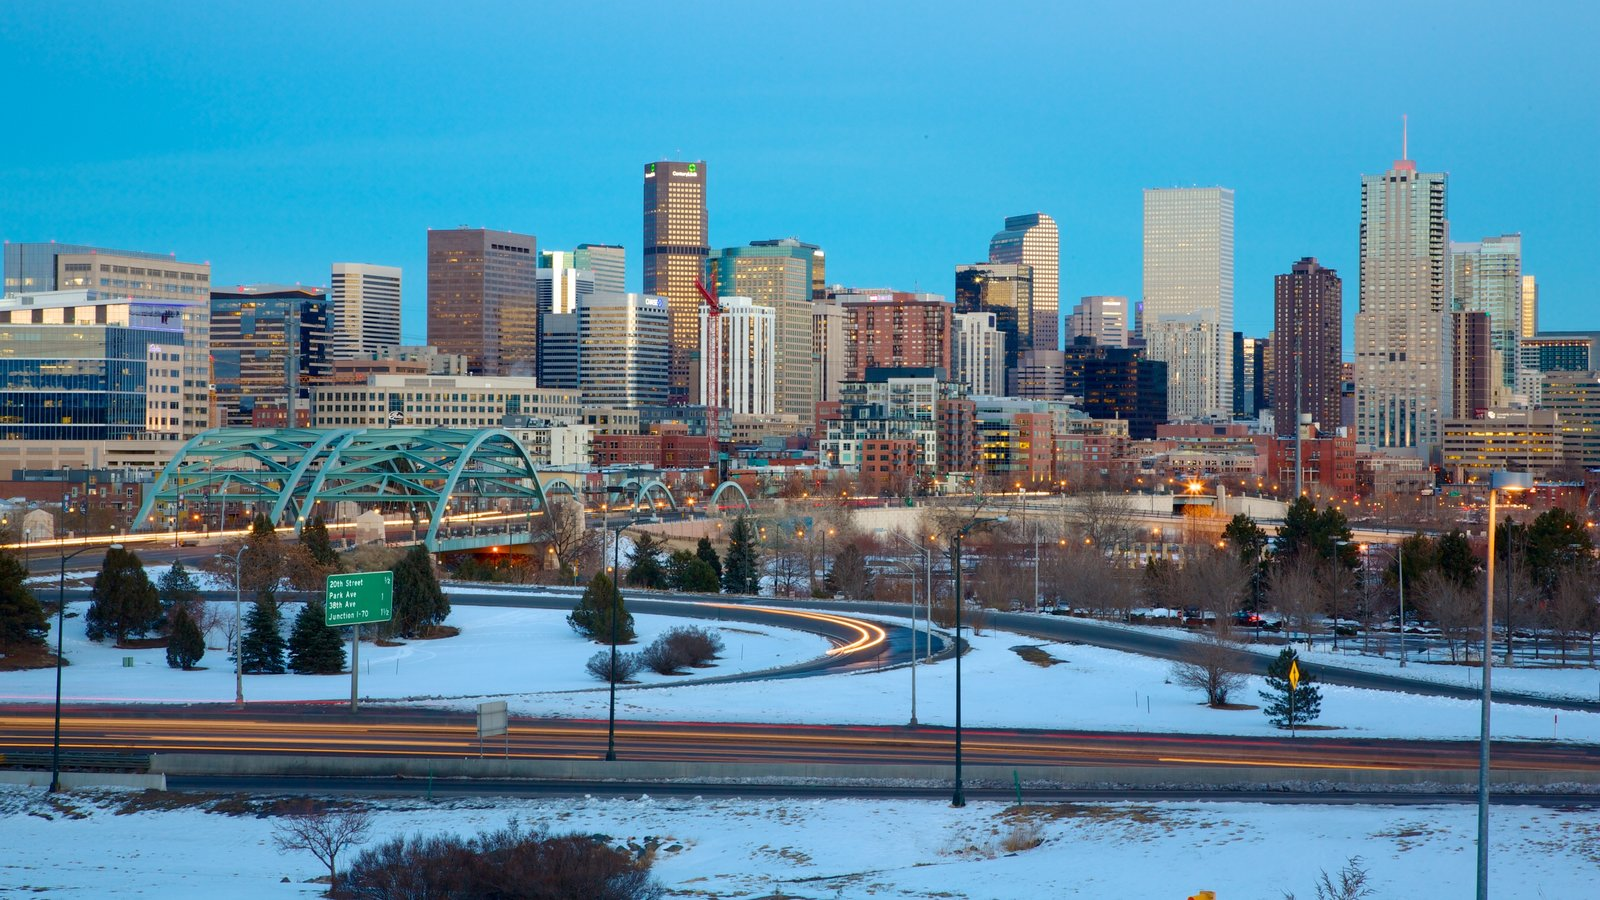 Fotos de Naturaleza: Ver imágenes de Colorado